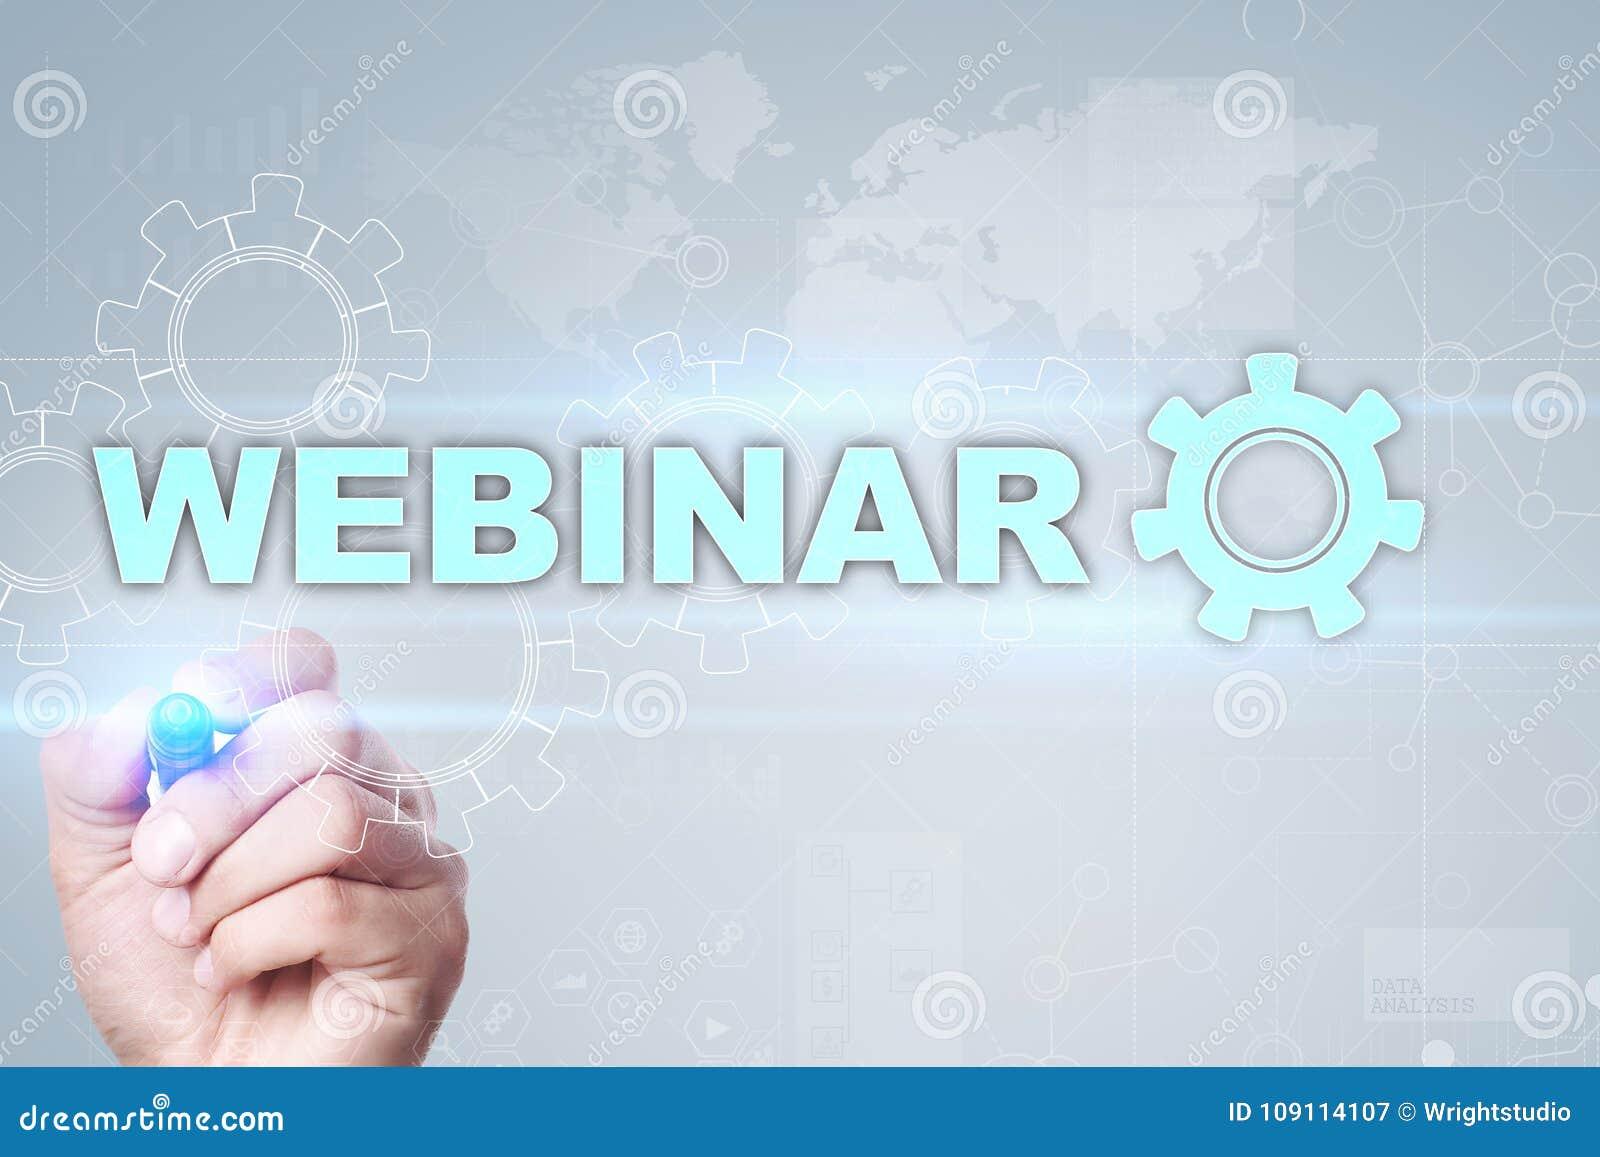 Webinar Apprentissage en ligne, concept en ligne d éducation Développement personnel Inscription sur un écran virtuel